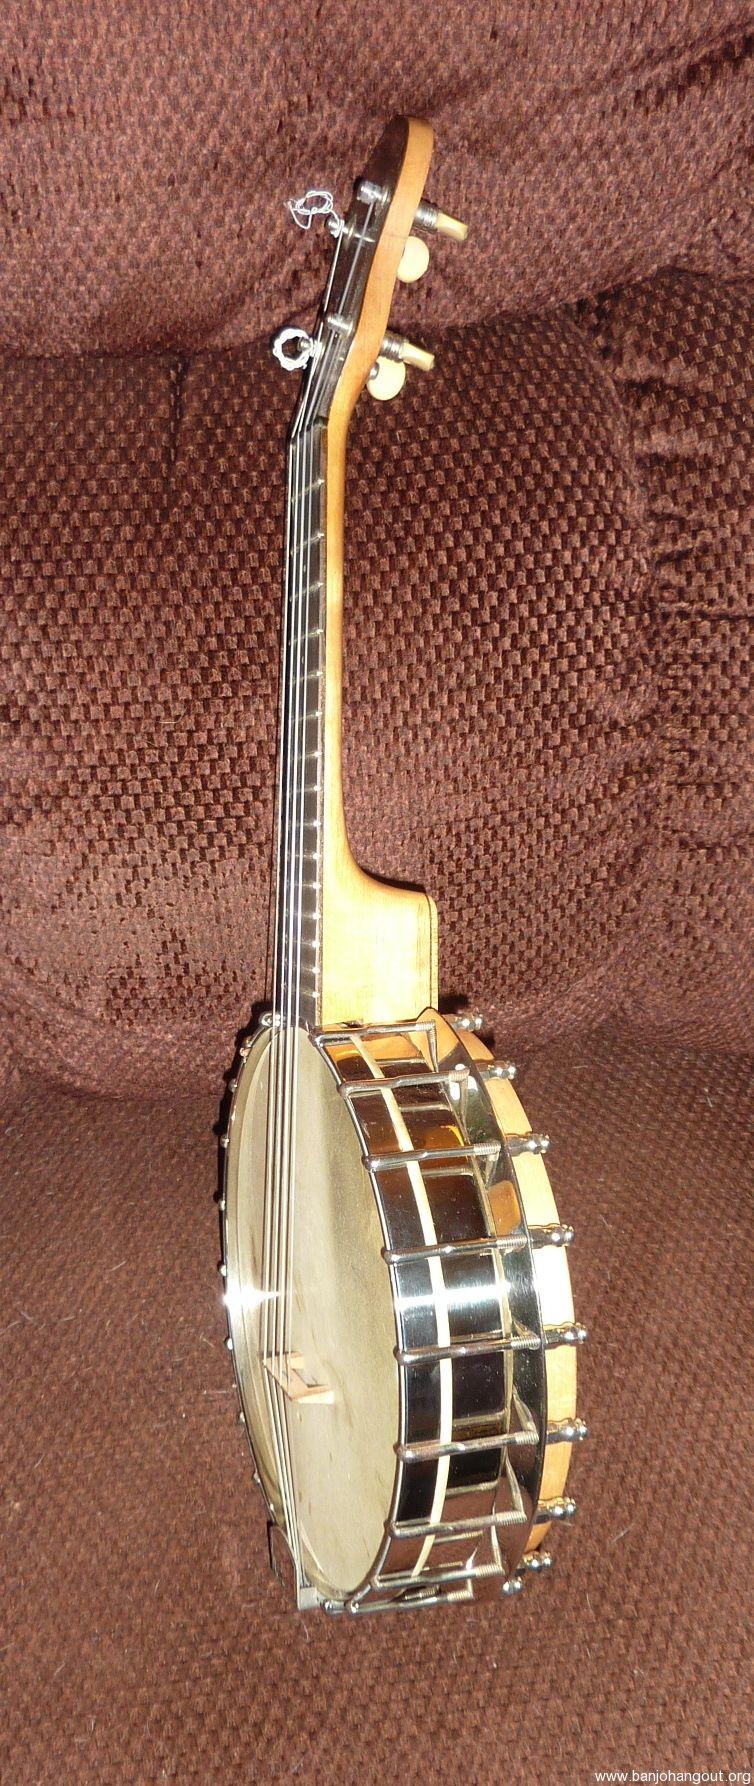 epiphone banjo ukulele uke with hard shell case great condition used banjo for sale at. Black Bedroom Furniture Sets. Home Design Ideas